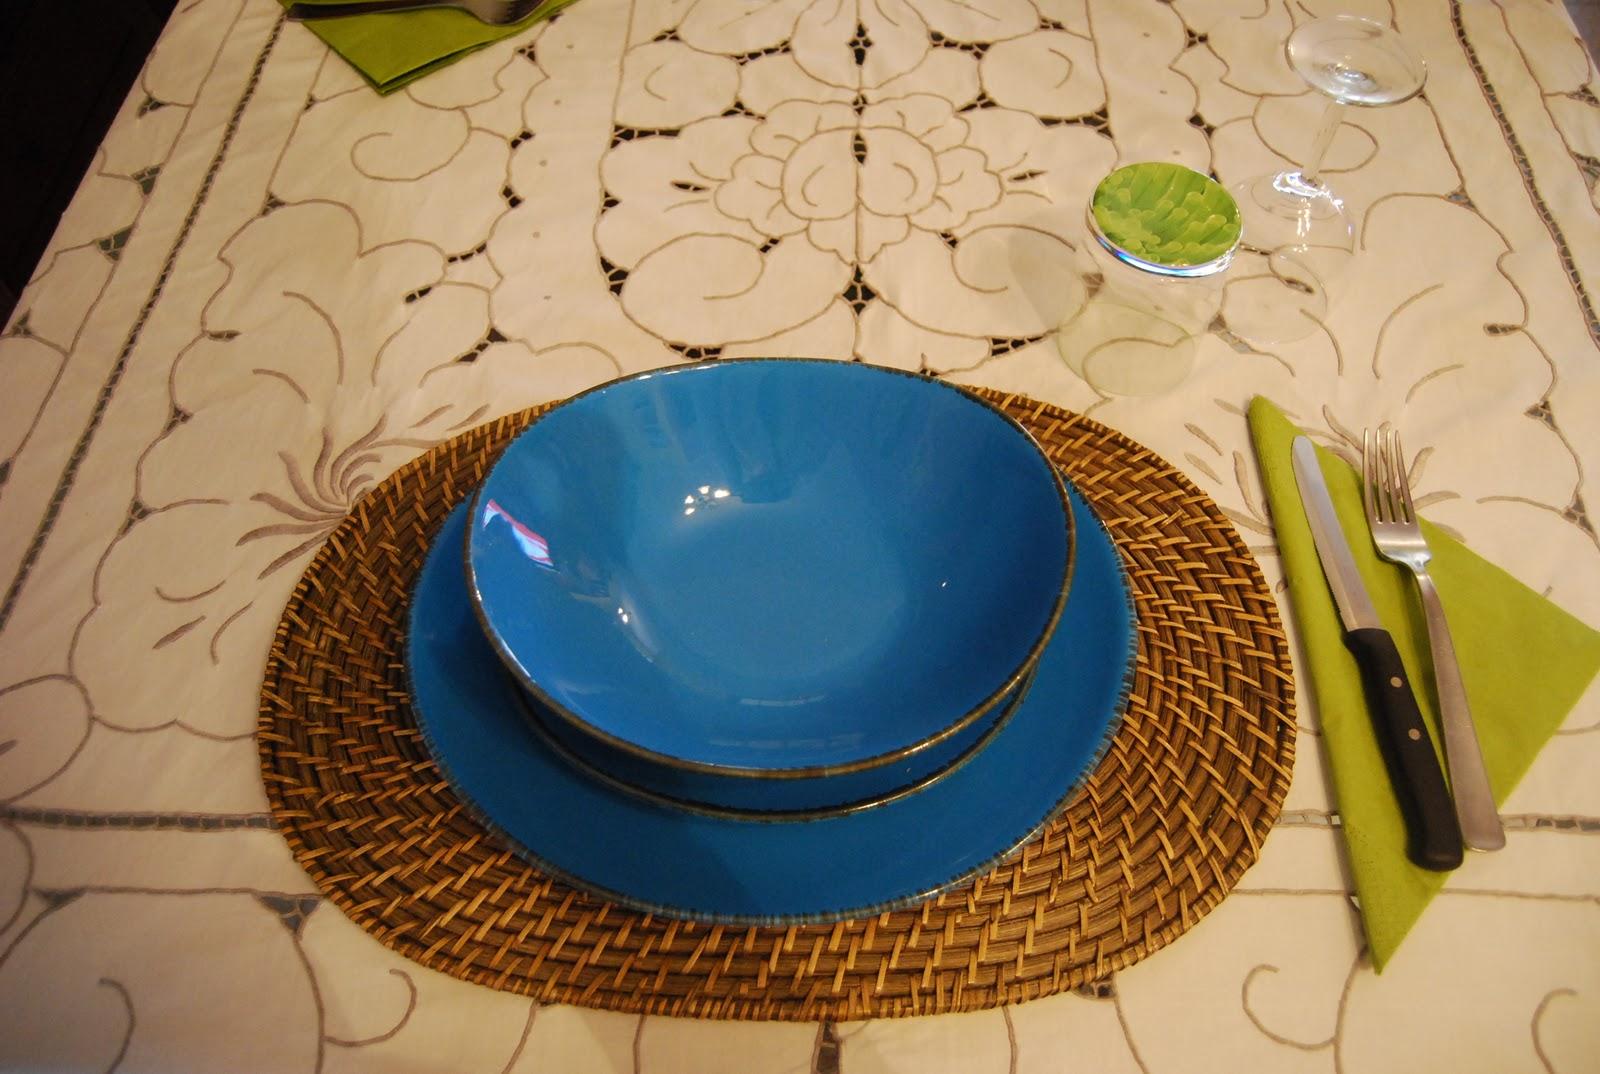 Io contemporanea retr una cena informale - Servizio piatti quadrati ikea ...